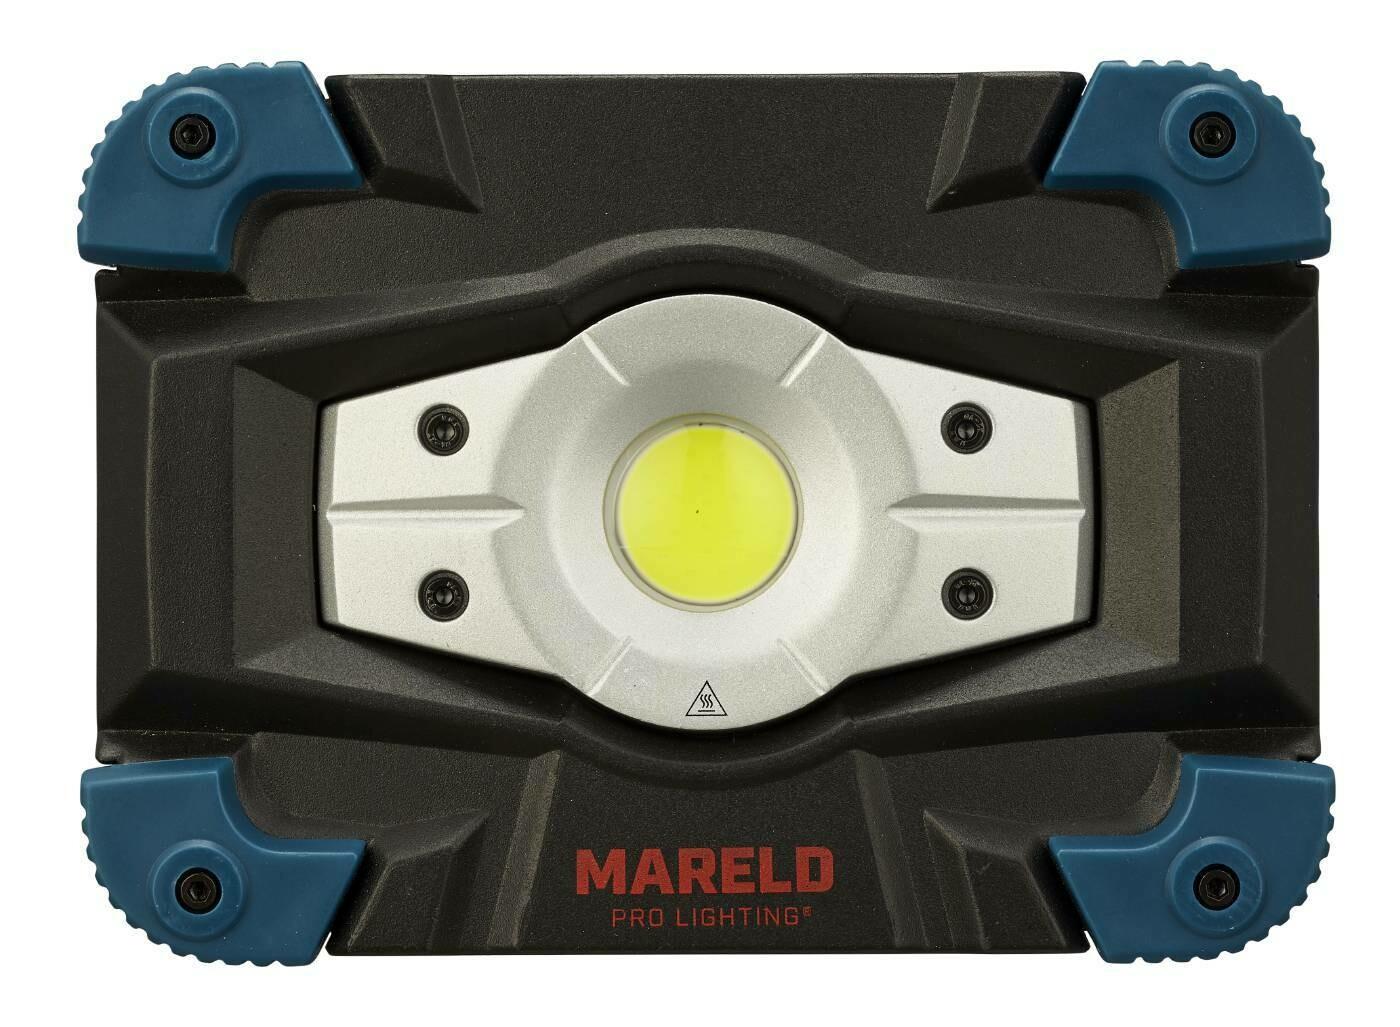 Arbeidslampe Mareld Flash 1000 RE